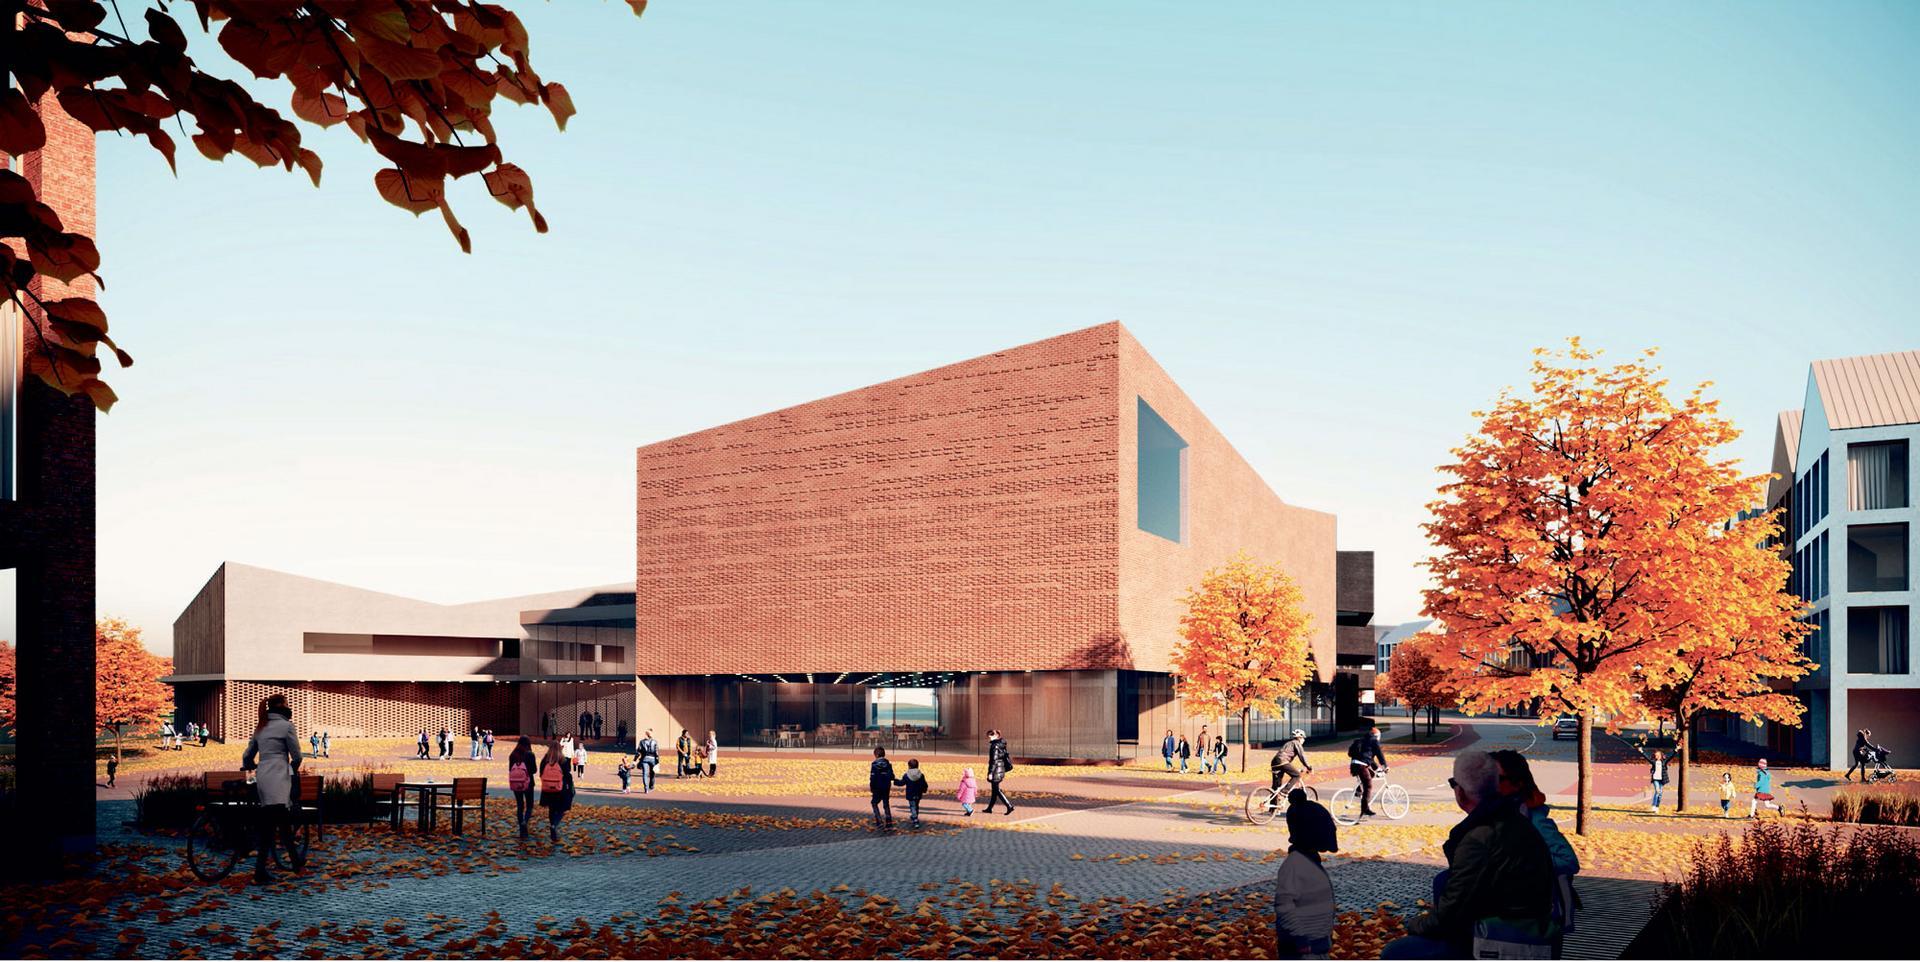 Verstas Arkkitehdit Oy:n Kerkkä-ehdotus voitti Lamminrahkan koulukeskuksen yleisen arkkitehtikilpailun. Kouluun toteutetaan taidetta prosenttiperiaatteella osana investointia.